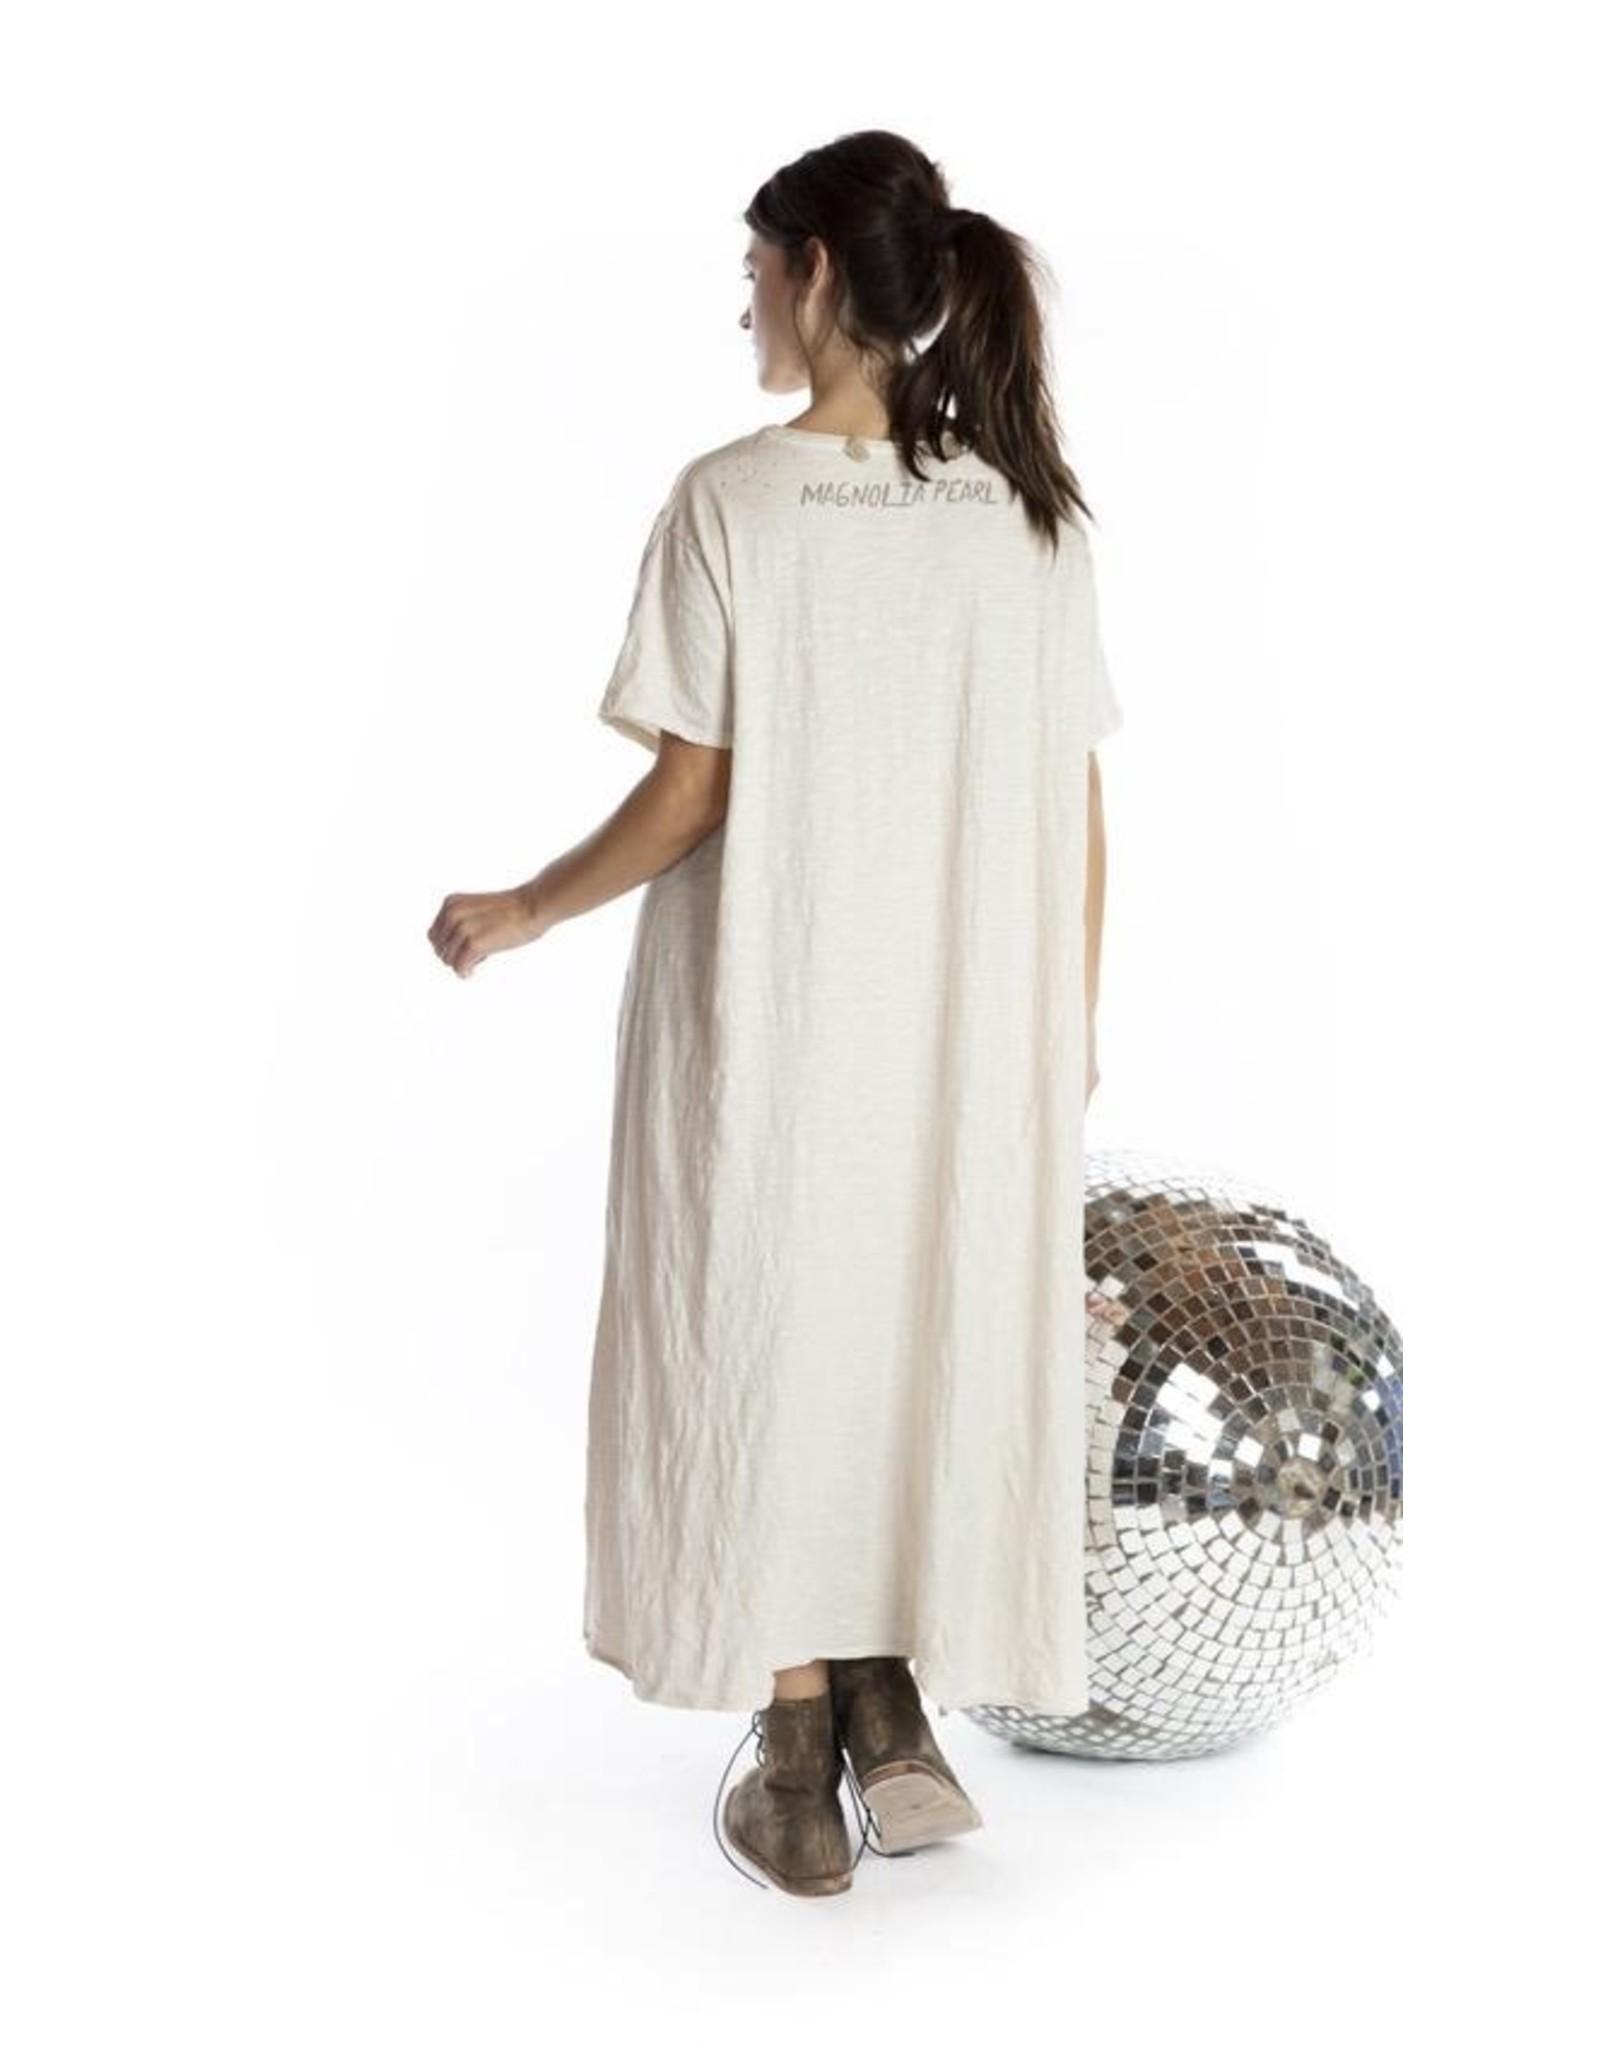 Magnolia Pearl Mary of Prosperity T Dress - Moonlight